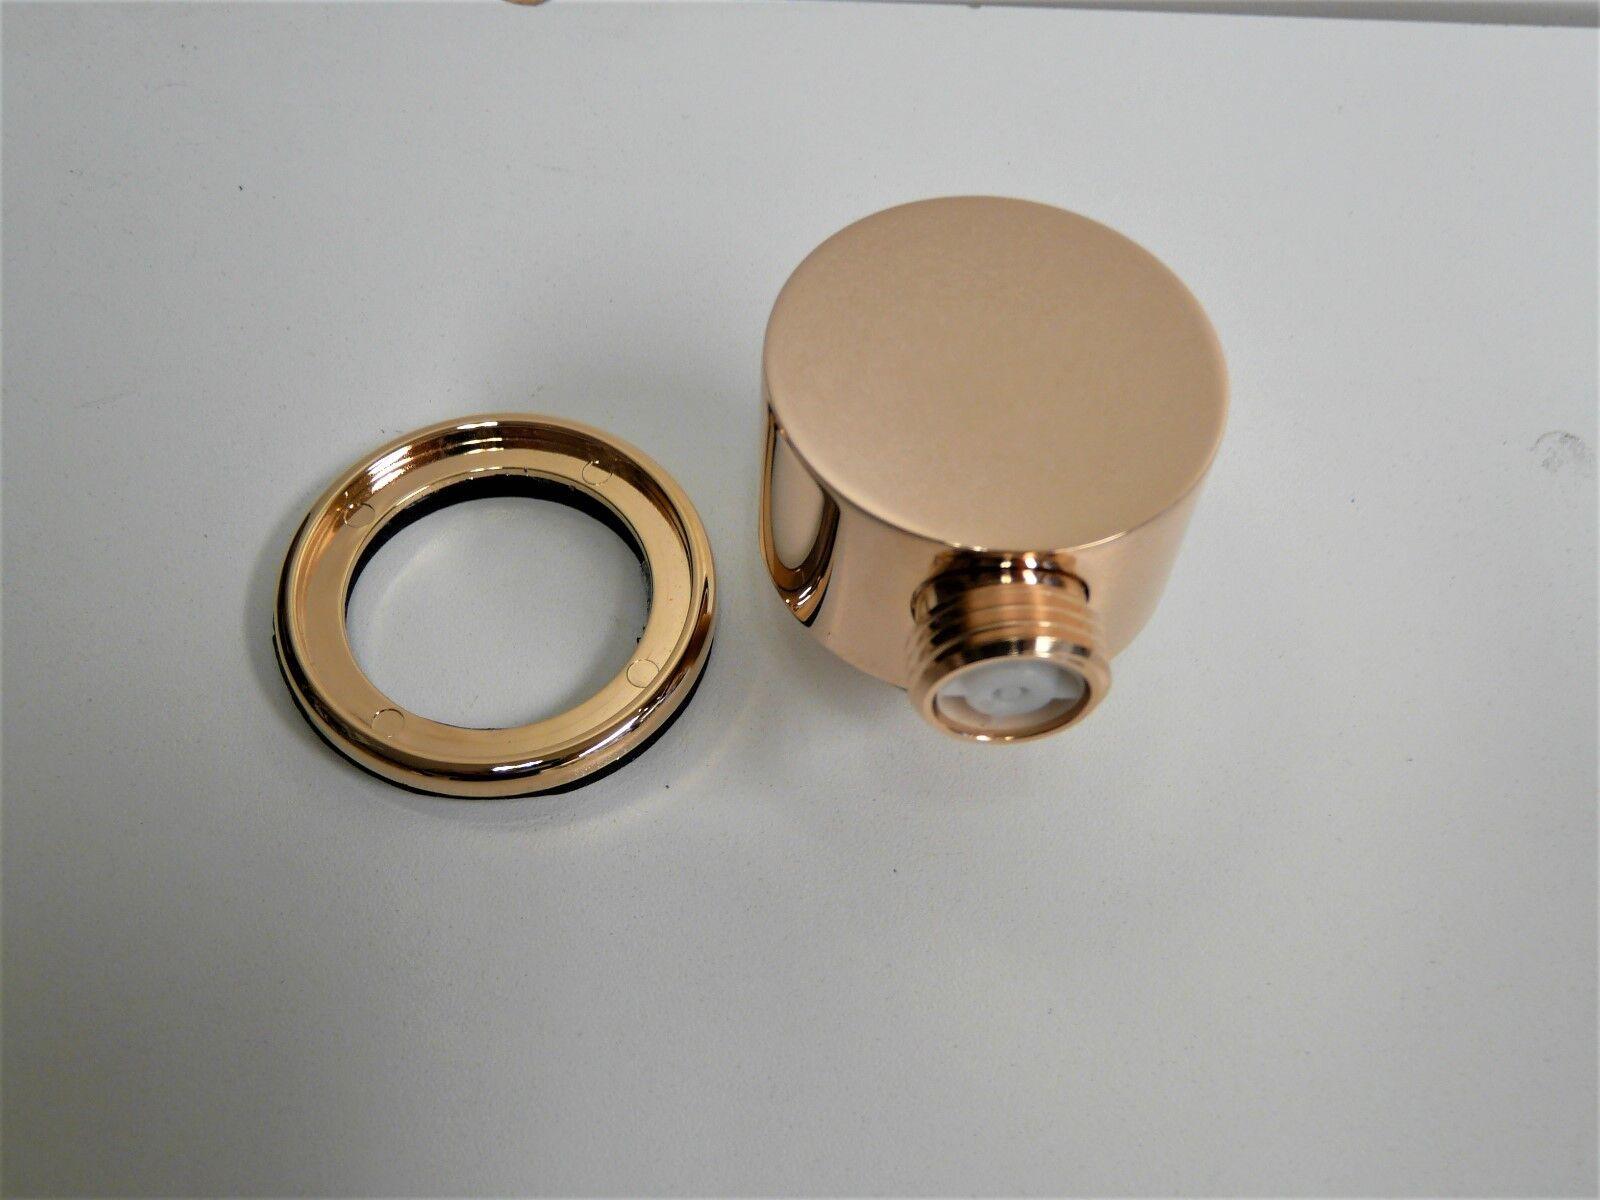 Wandanschlussbogen Rosa-Gold, Cyprum, Rot-Gold, Brauseanschluss, Wandbogen   Verbraucher zuerst    Kaufen Sie beruhigt und glücklich spielen    Viele Stile    Neu